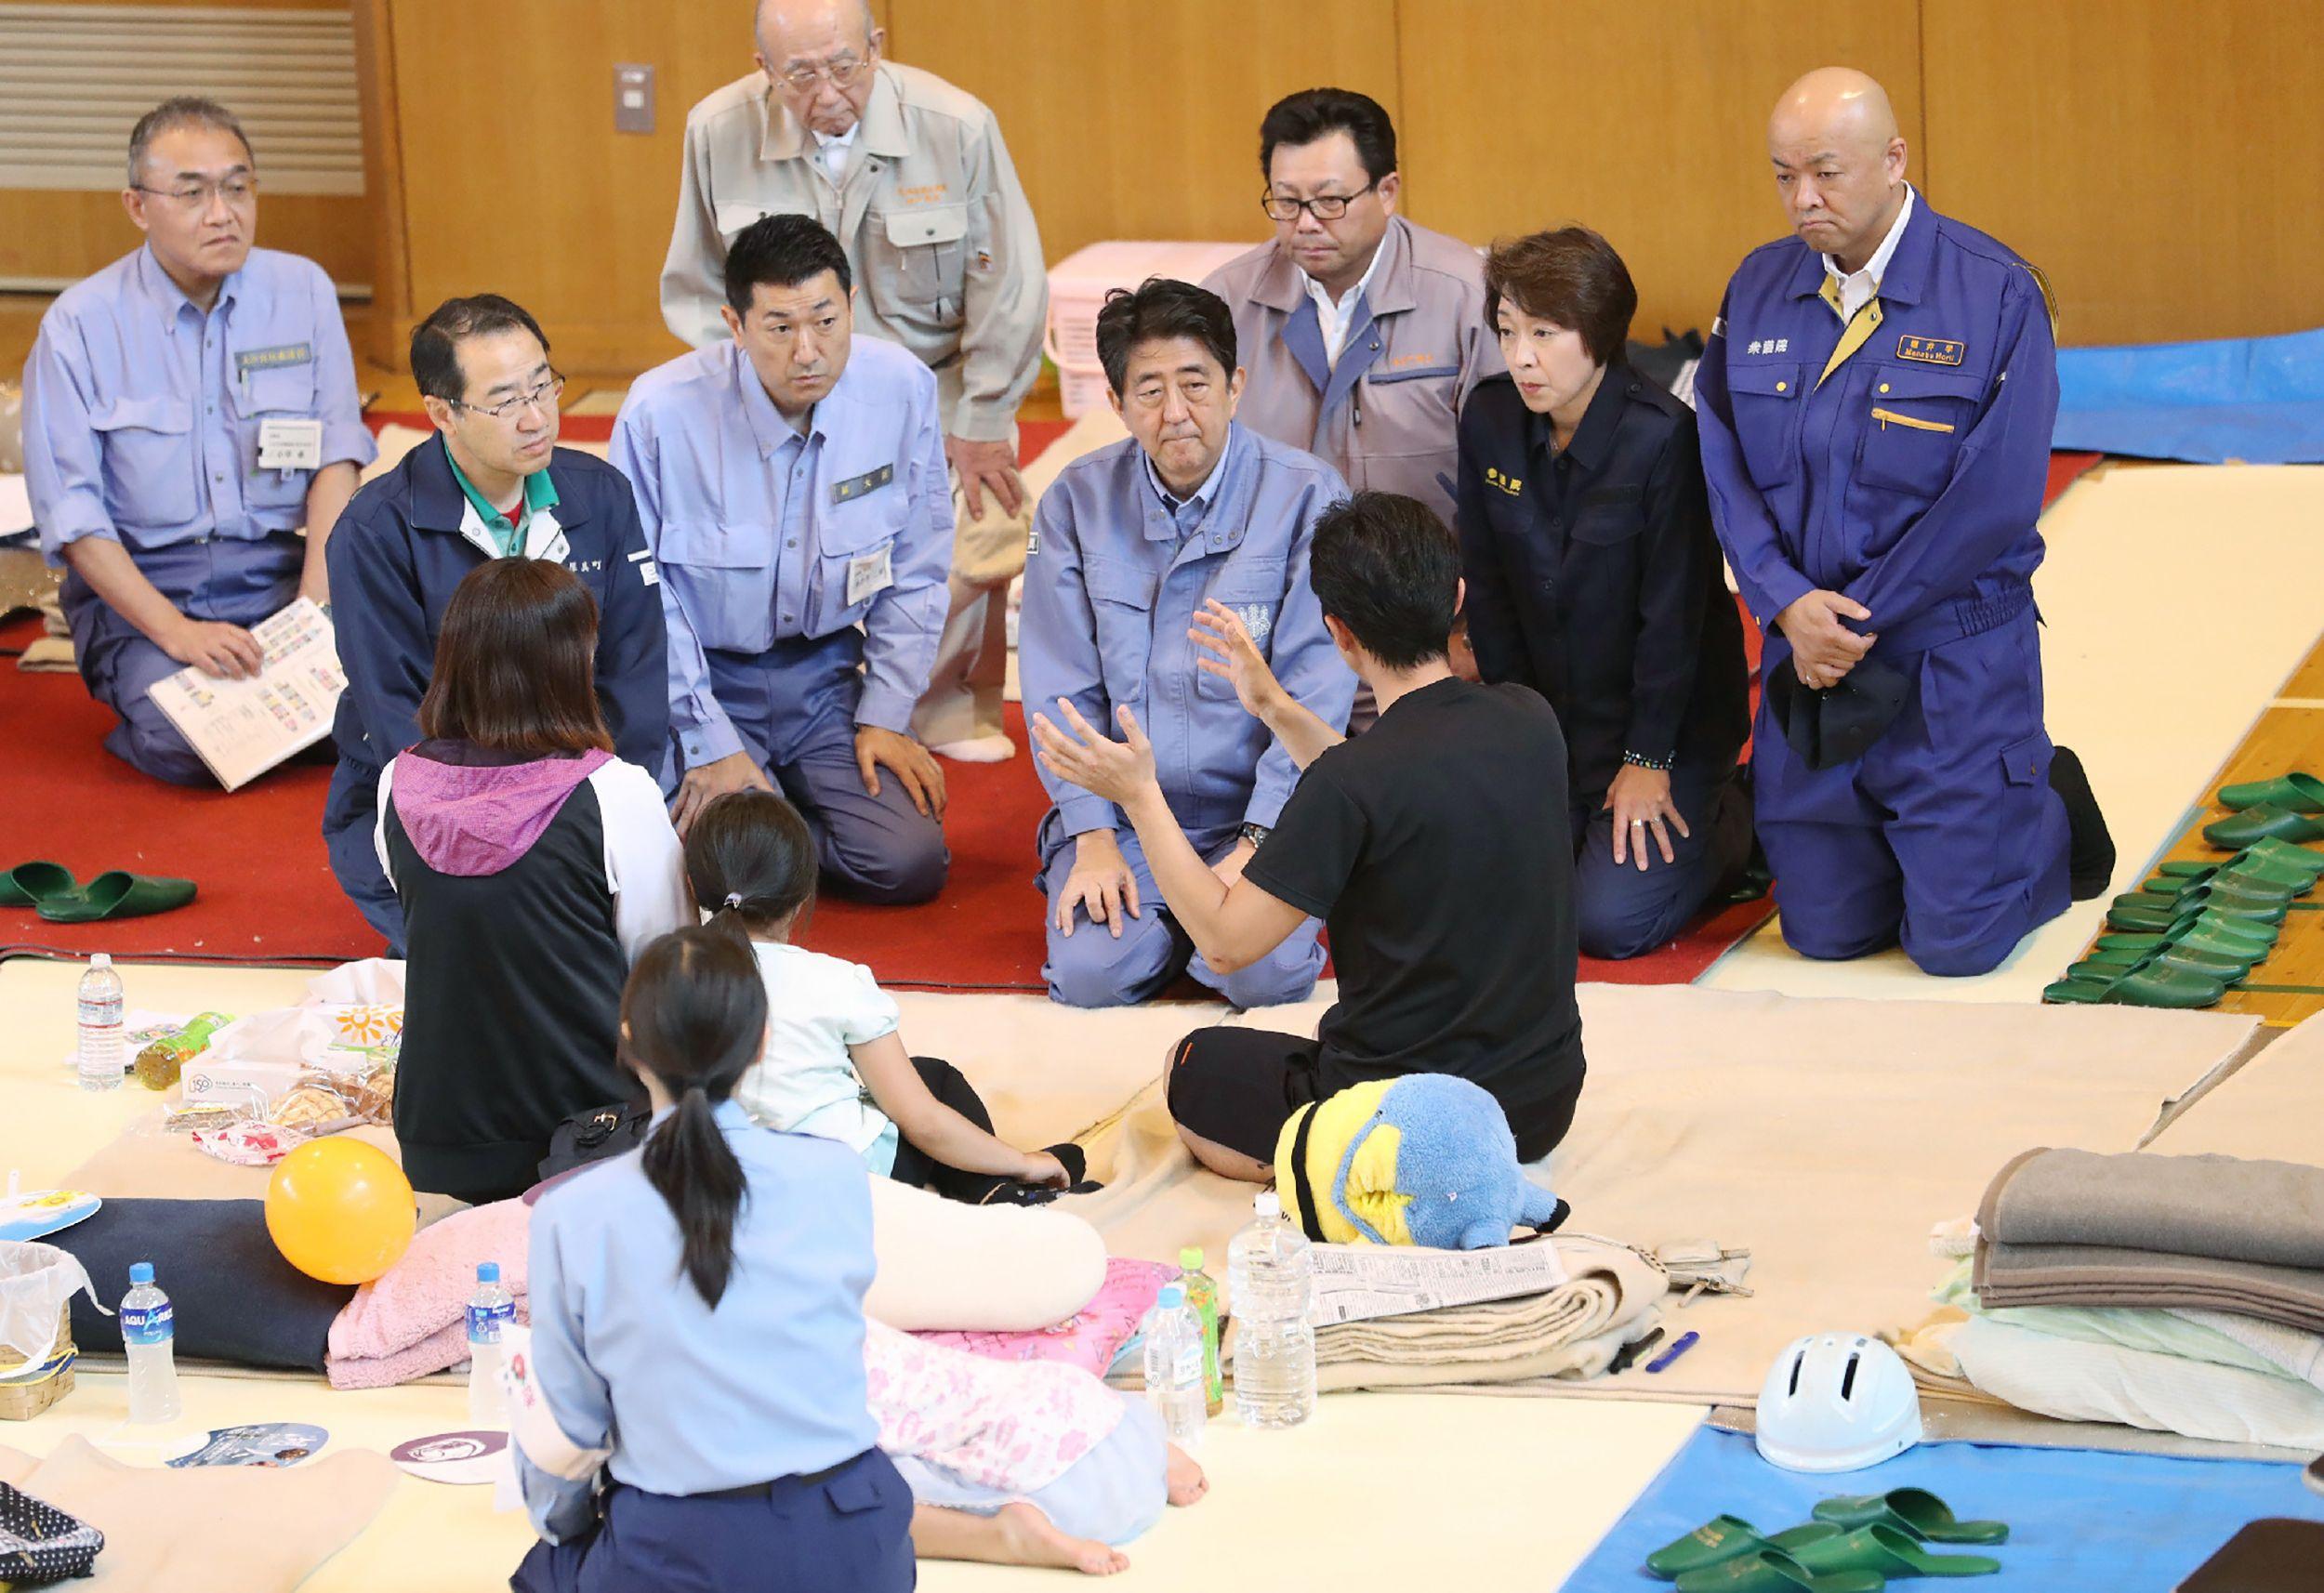 أحد الضحايا يشرح لرئيس وزراء اليابان الأضرار